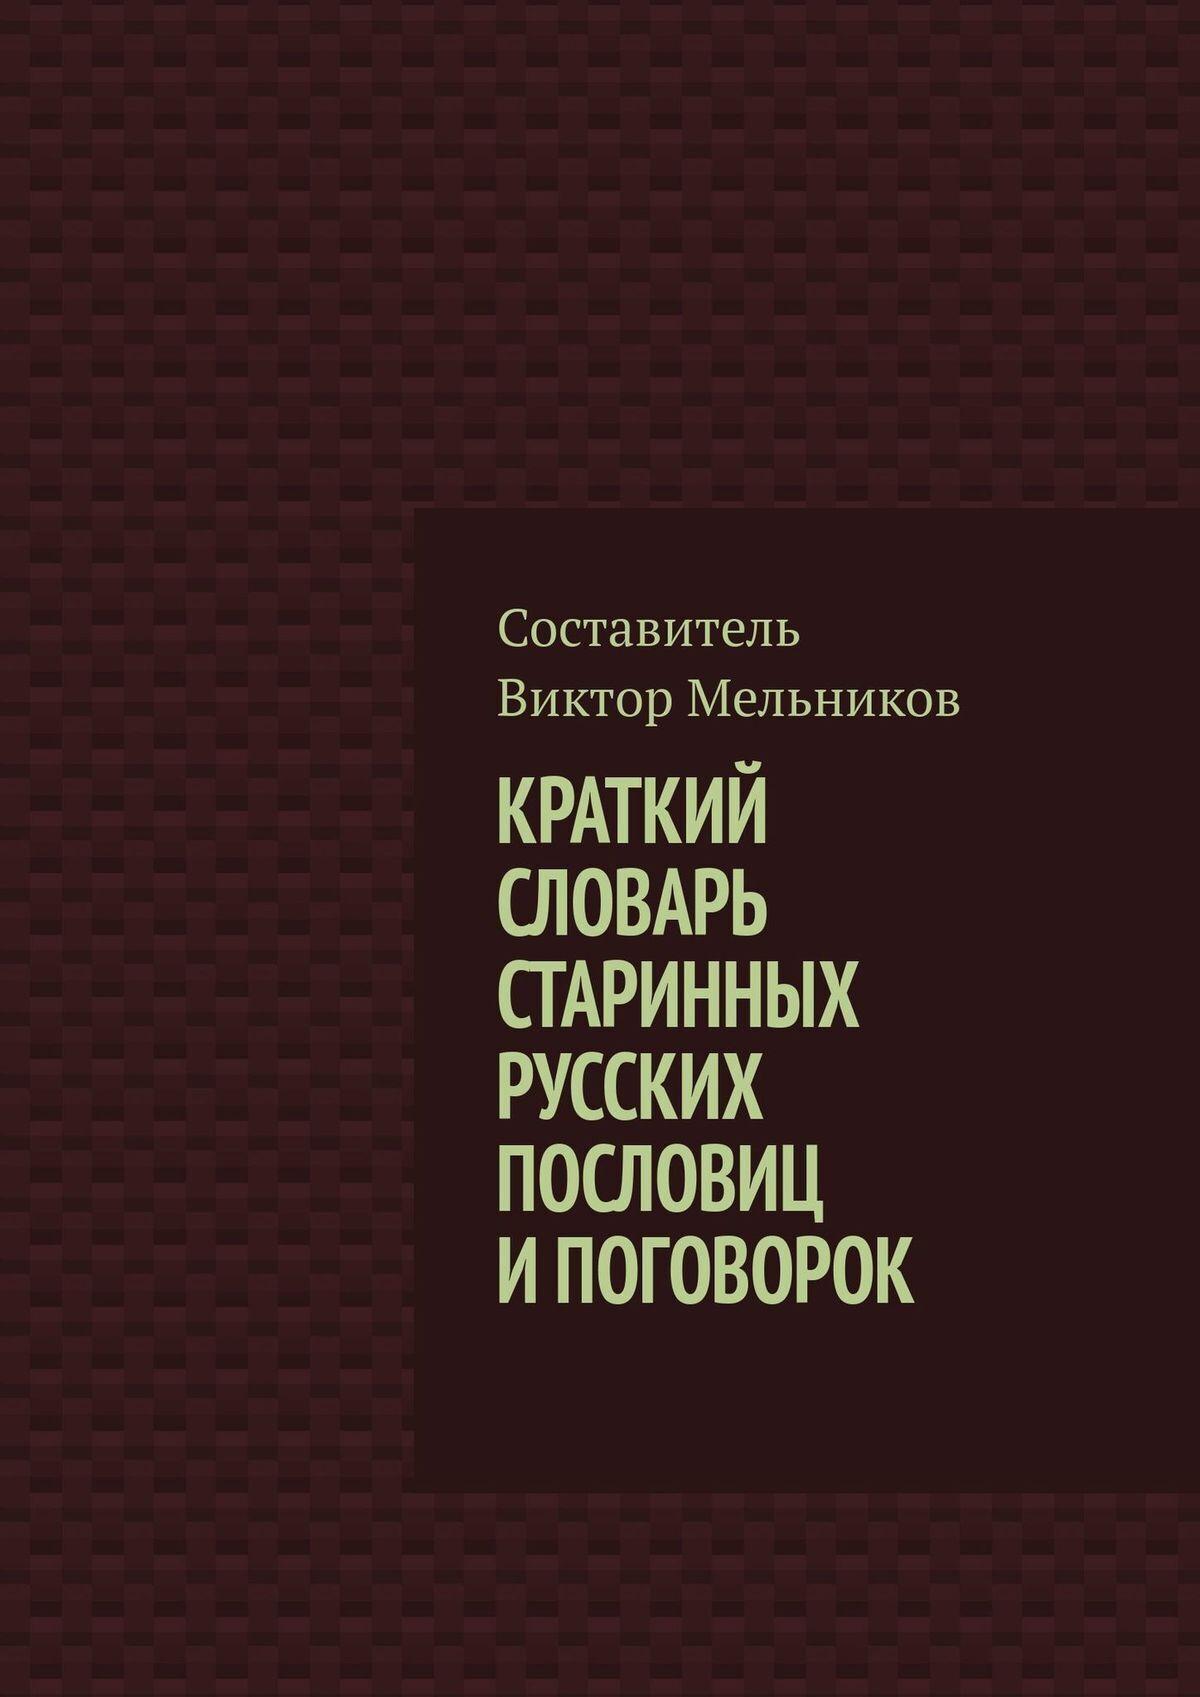 Краткий словарь старинных русских пословиц ипоговорок